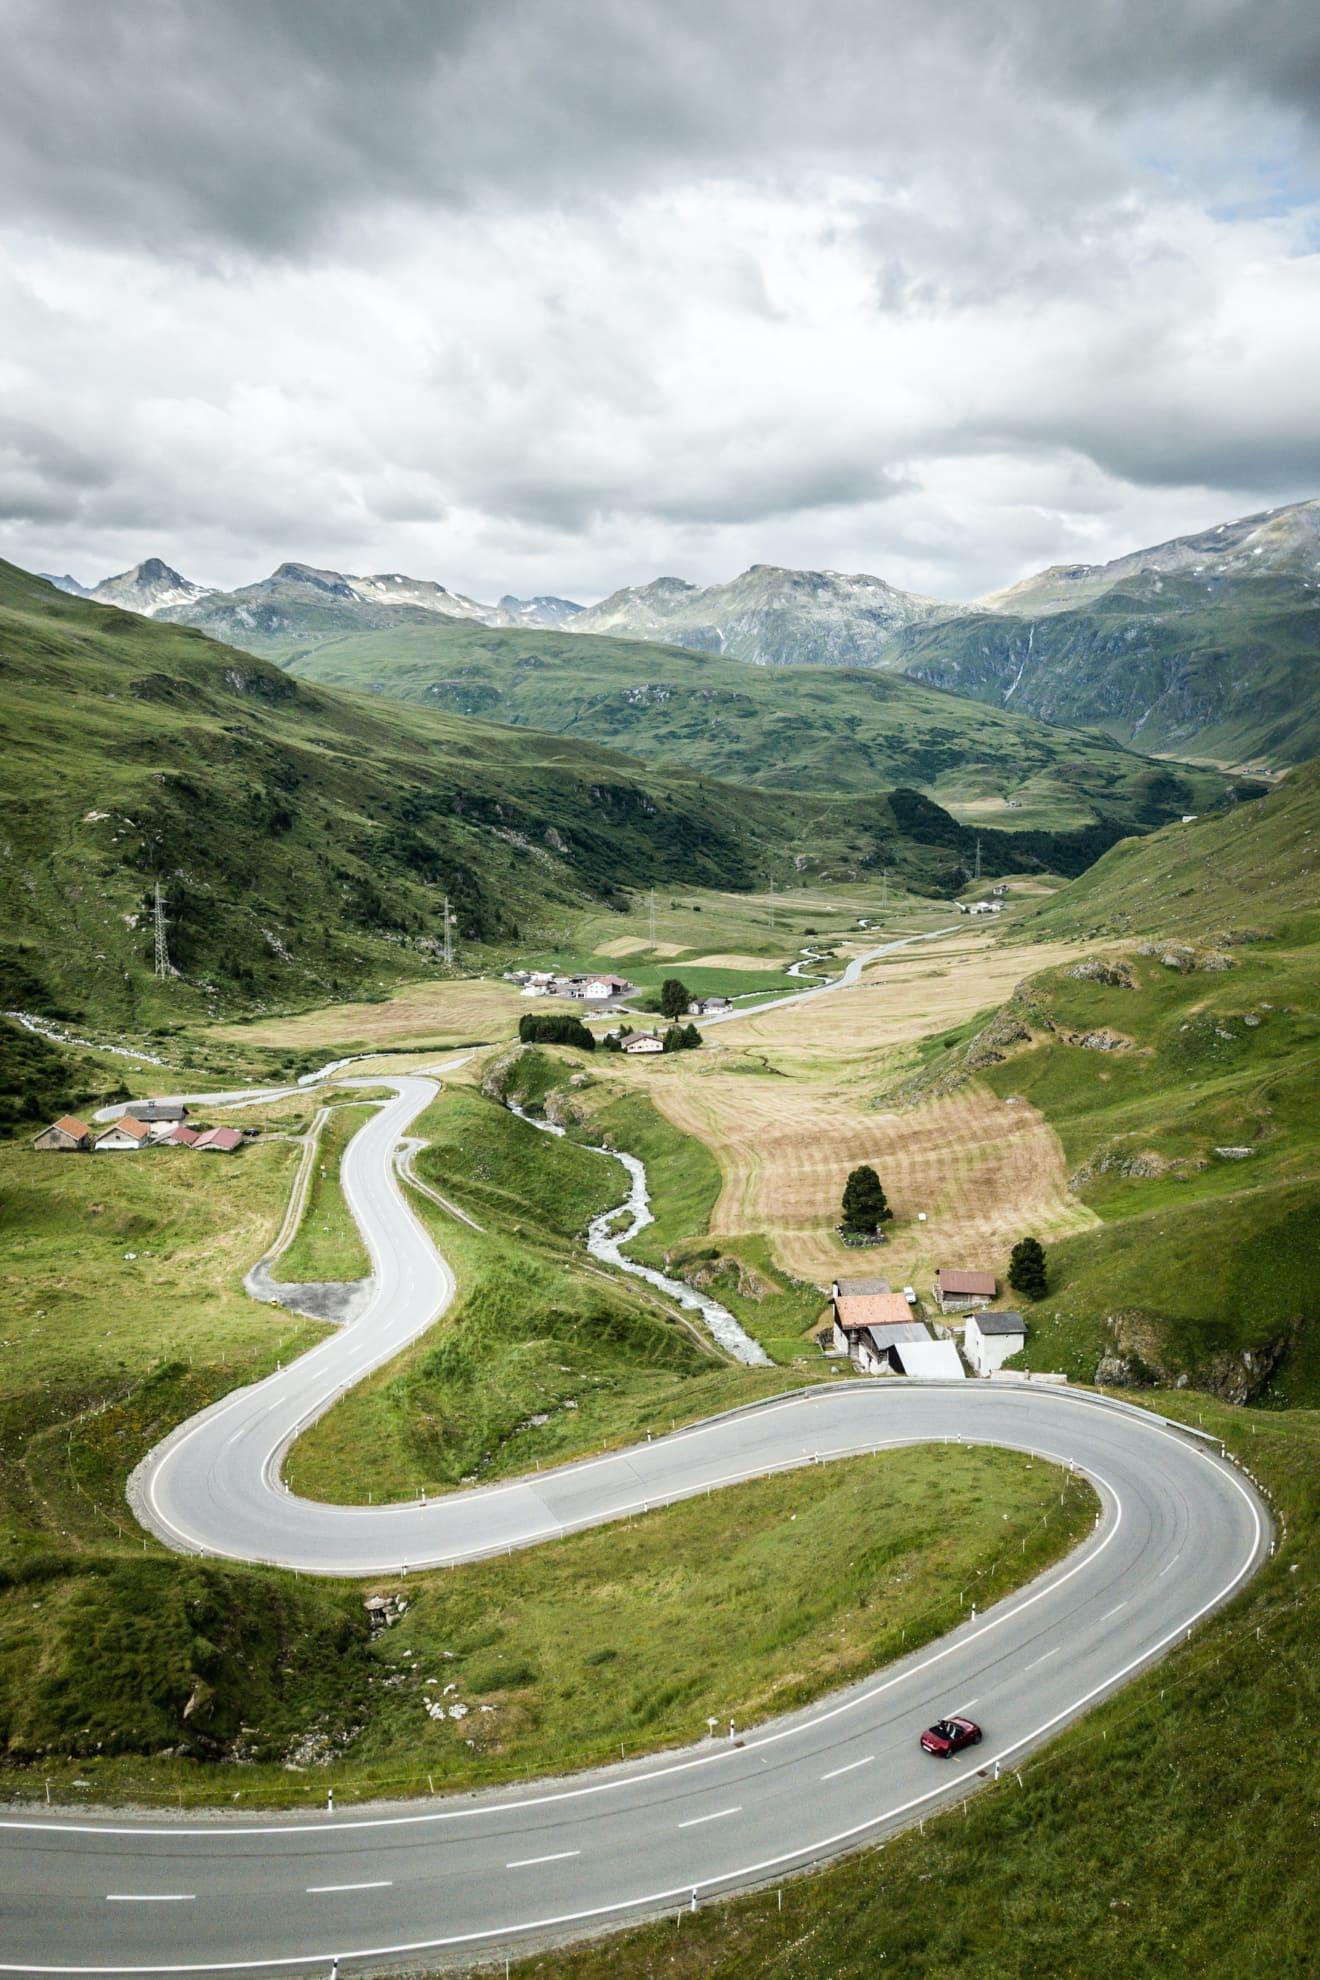 Switzerland Summer: Grand Tour of Switzerland - Julierpass, Mazda